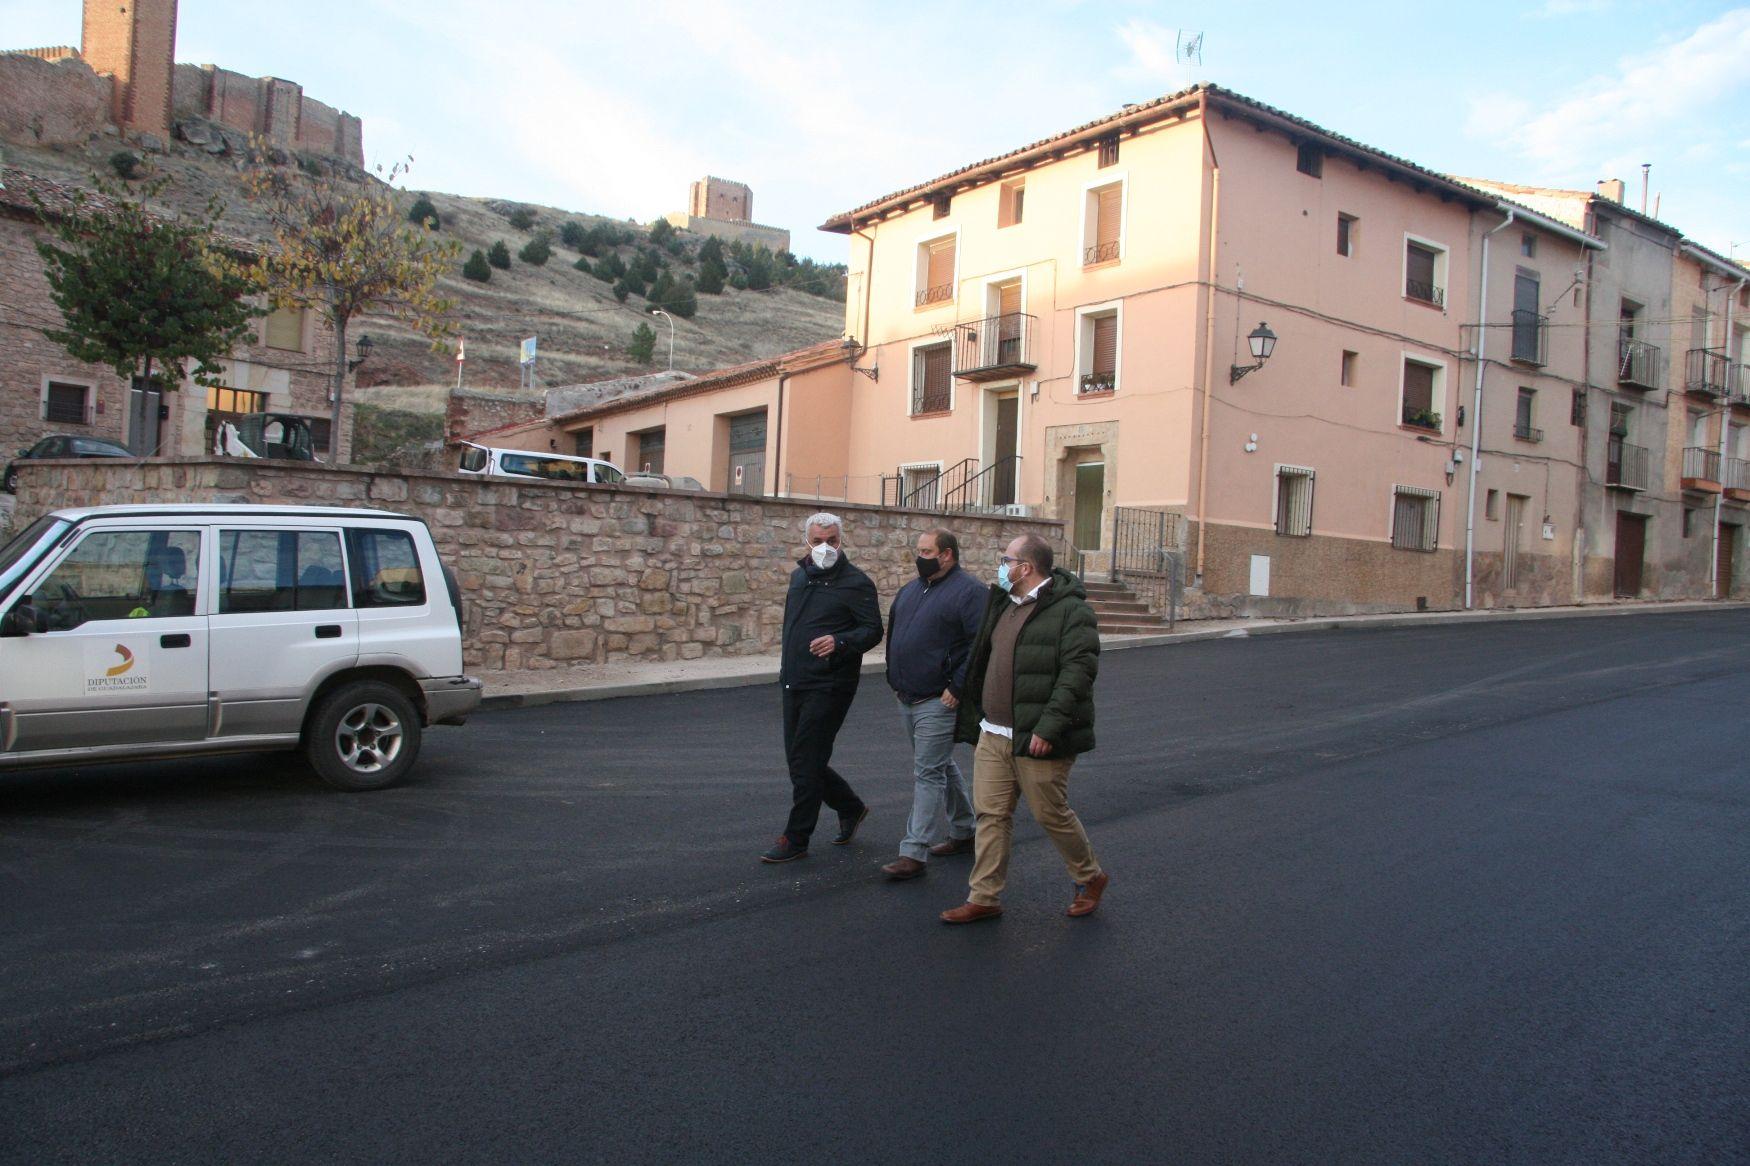 La Diputación ejecuta mejoras en varias calles de Molina de Aragón con una inversión de 257.700 €